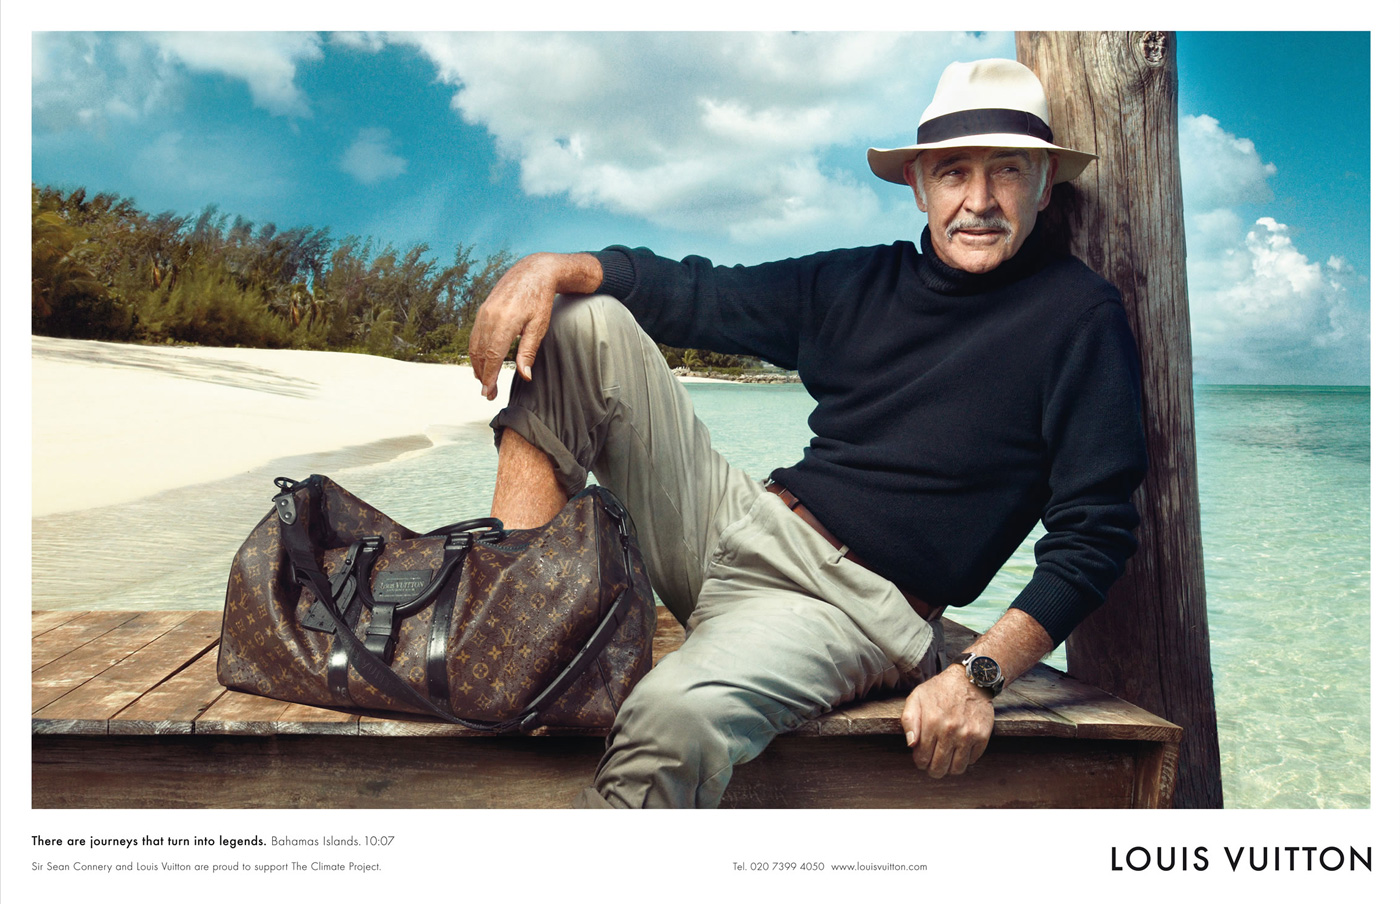 Louis_Vuitton_Sean